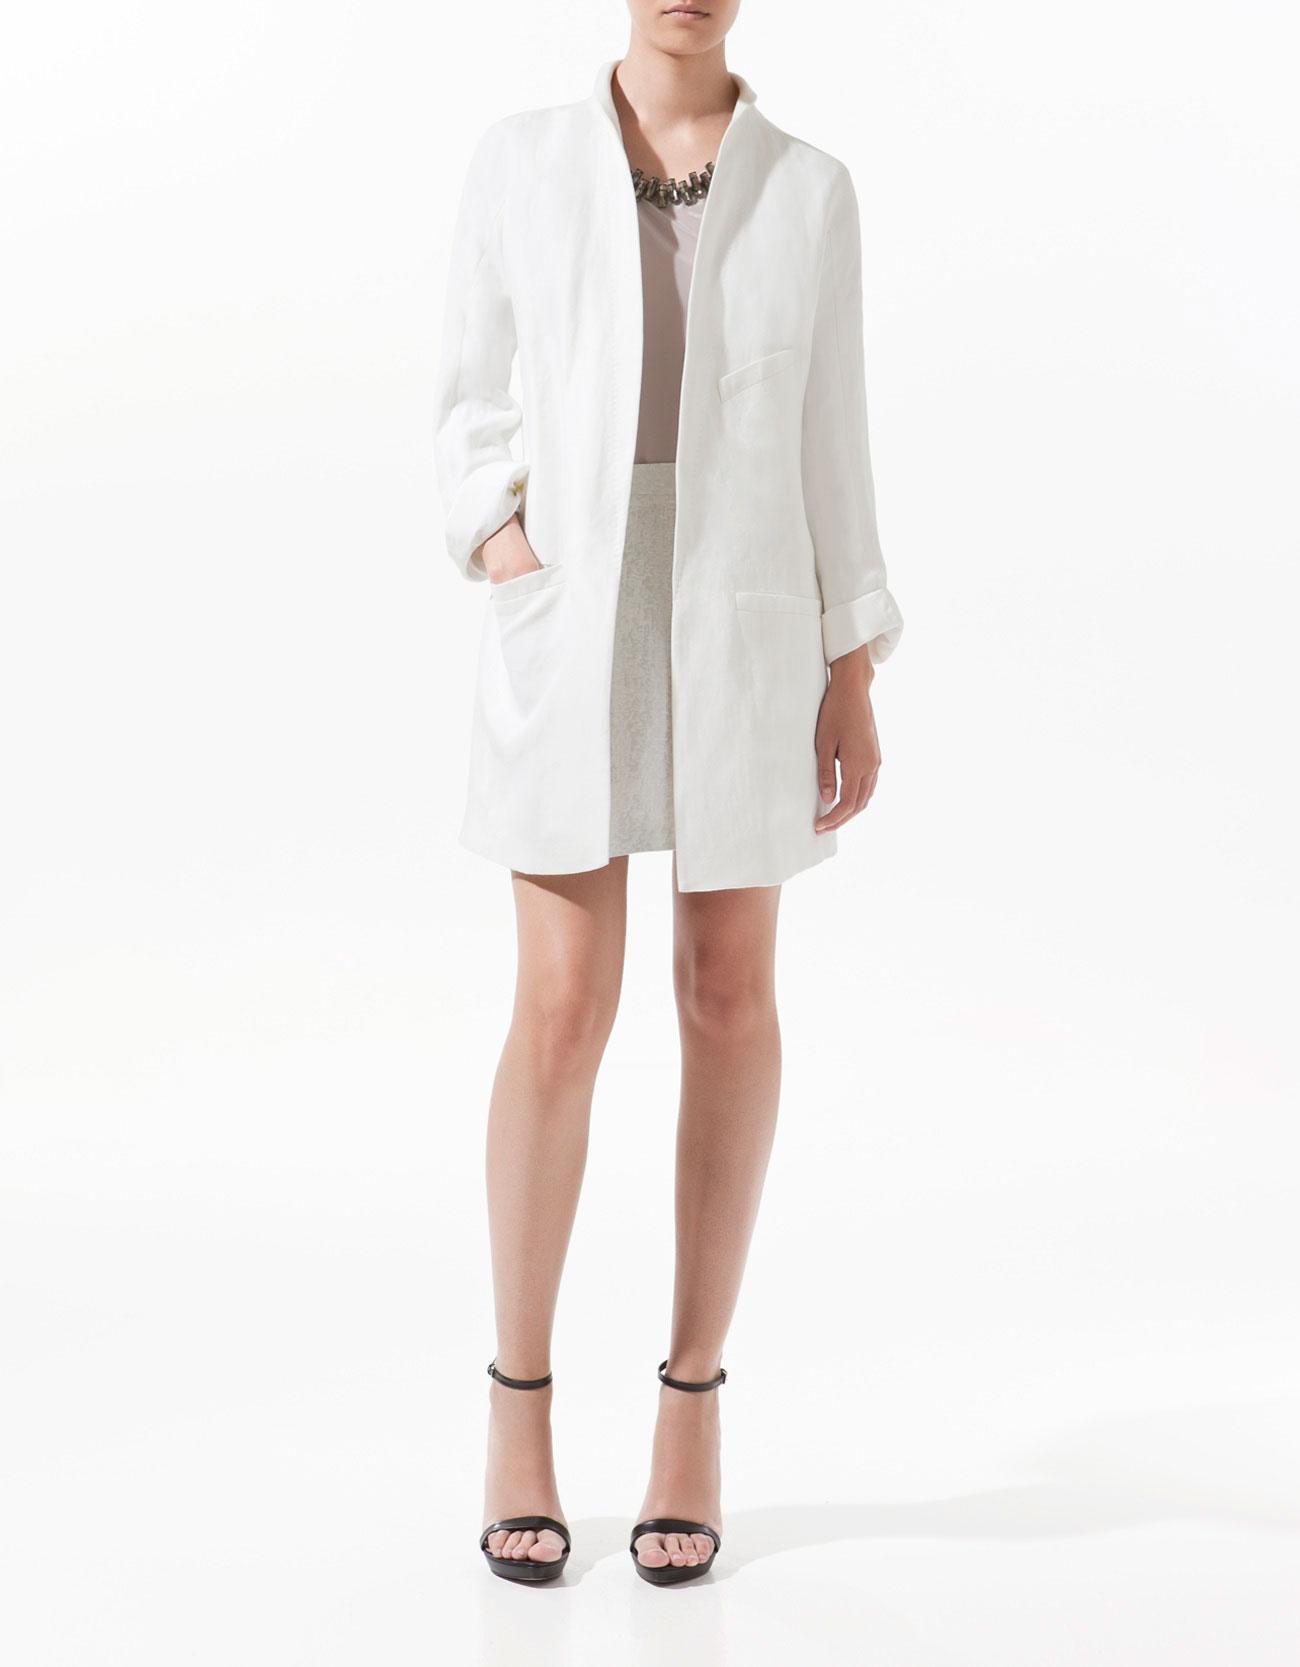 Zara Oversized Linen Coat In White Lyst